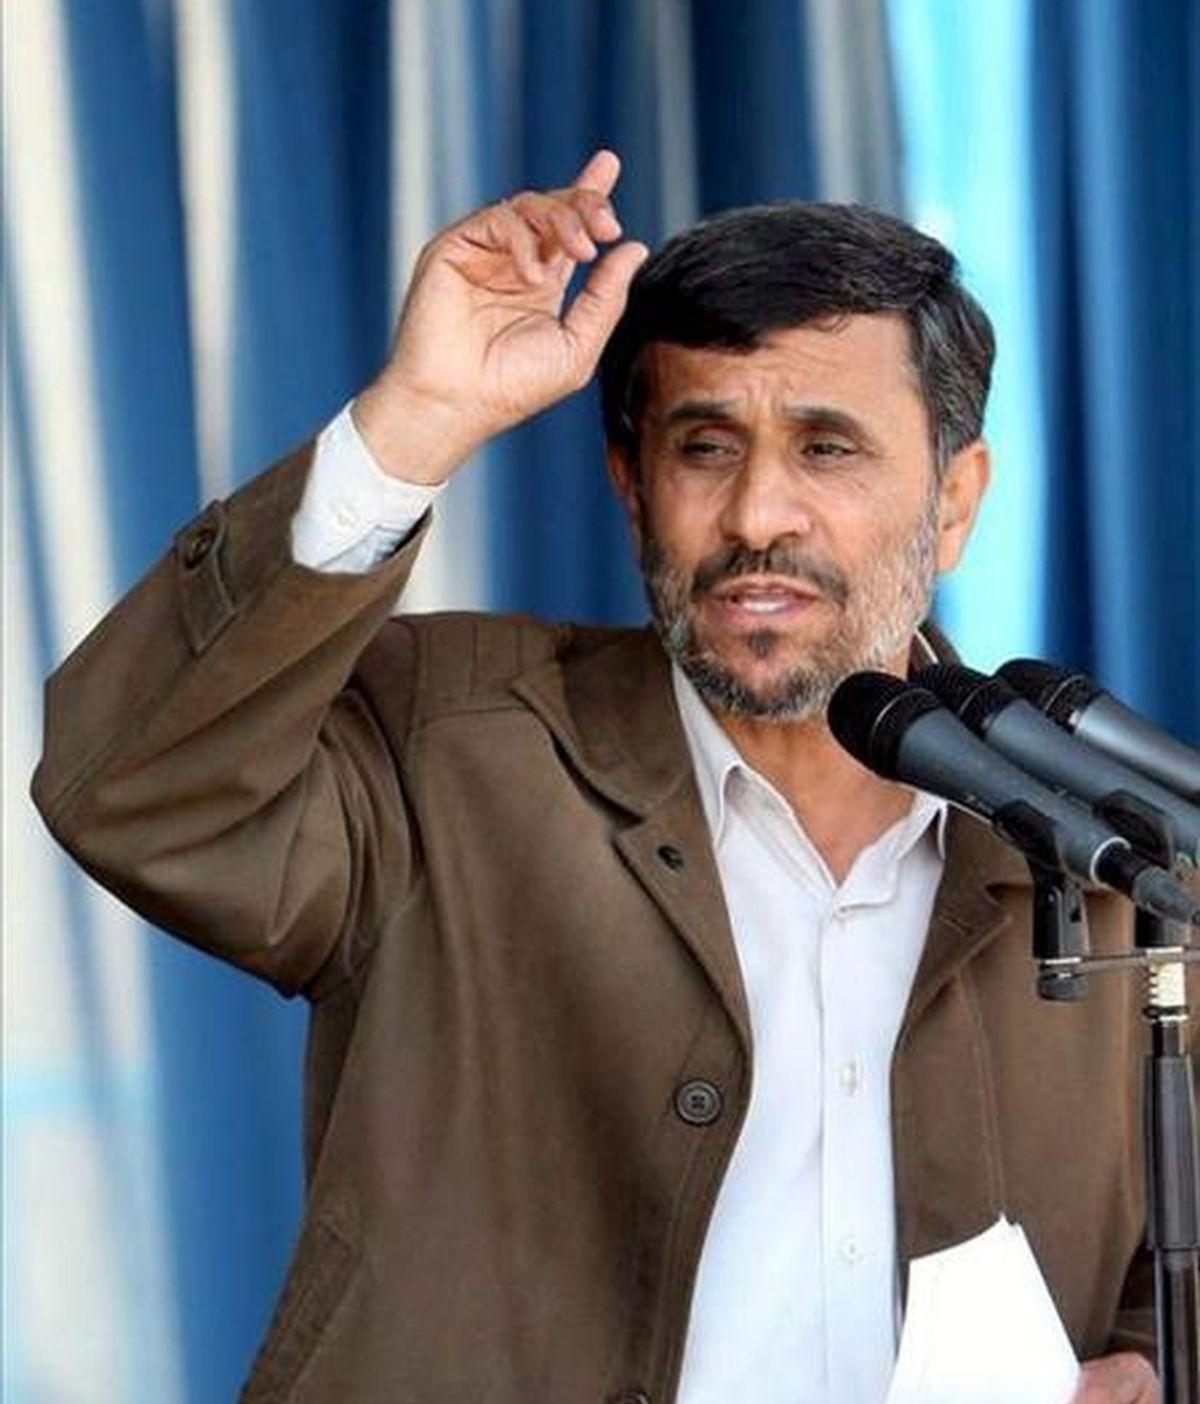 Foto facilitada por el sitio oficial de la presidencia iraní que muestra al presidente de Irán, Mahmoud Ahmadinejad, mientras pronuncia un discurso en Arak, Irán, ayer, 7 de diciembre de 2010. EFE